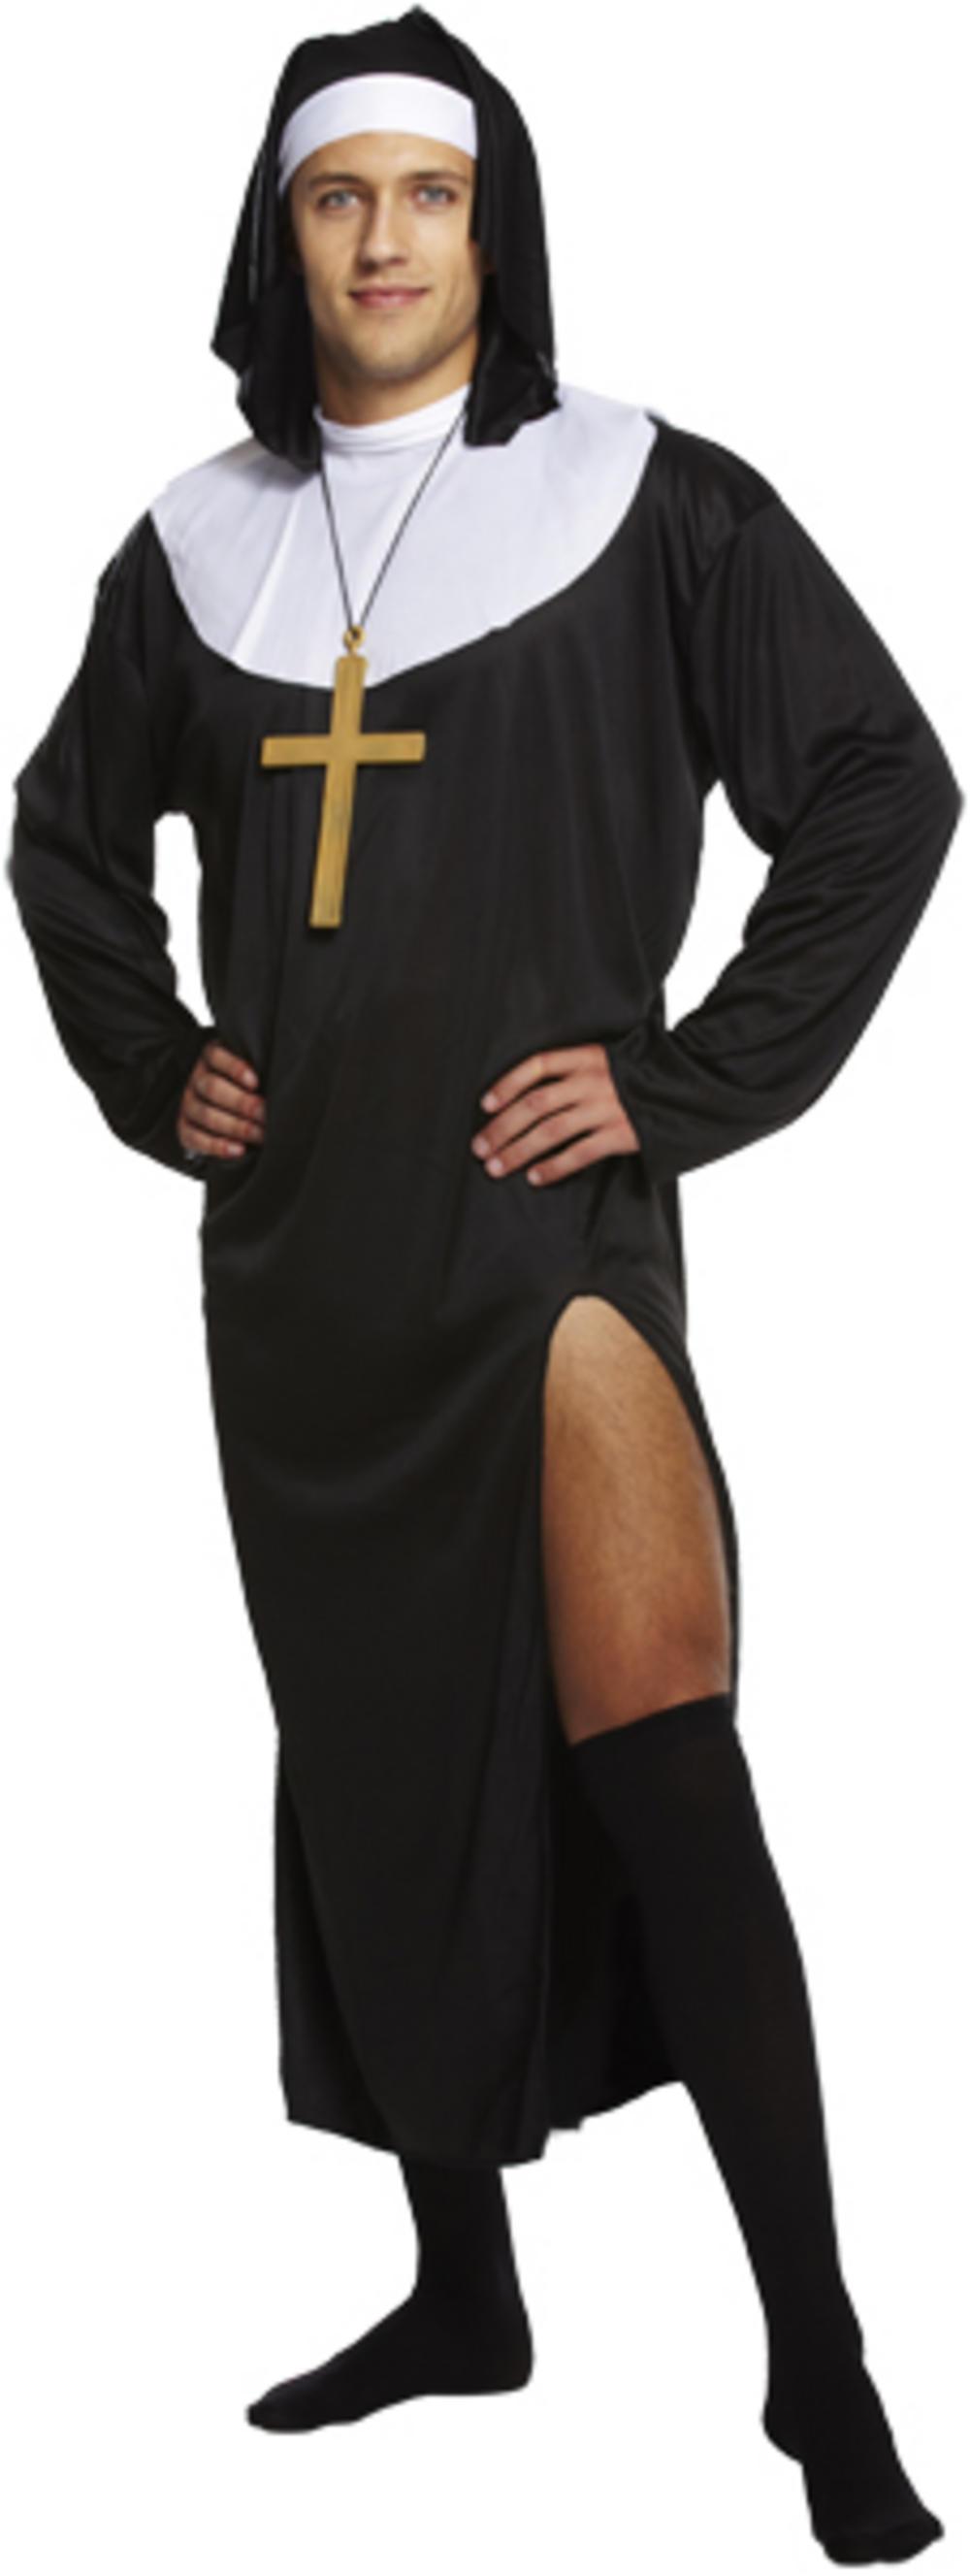 Male Nun Costume